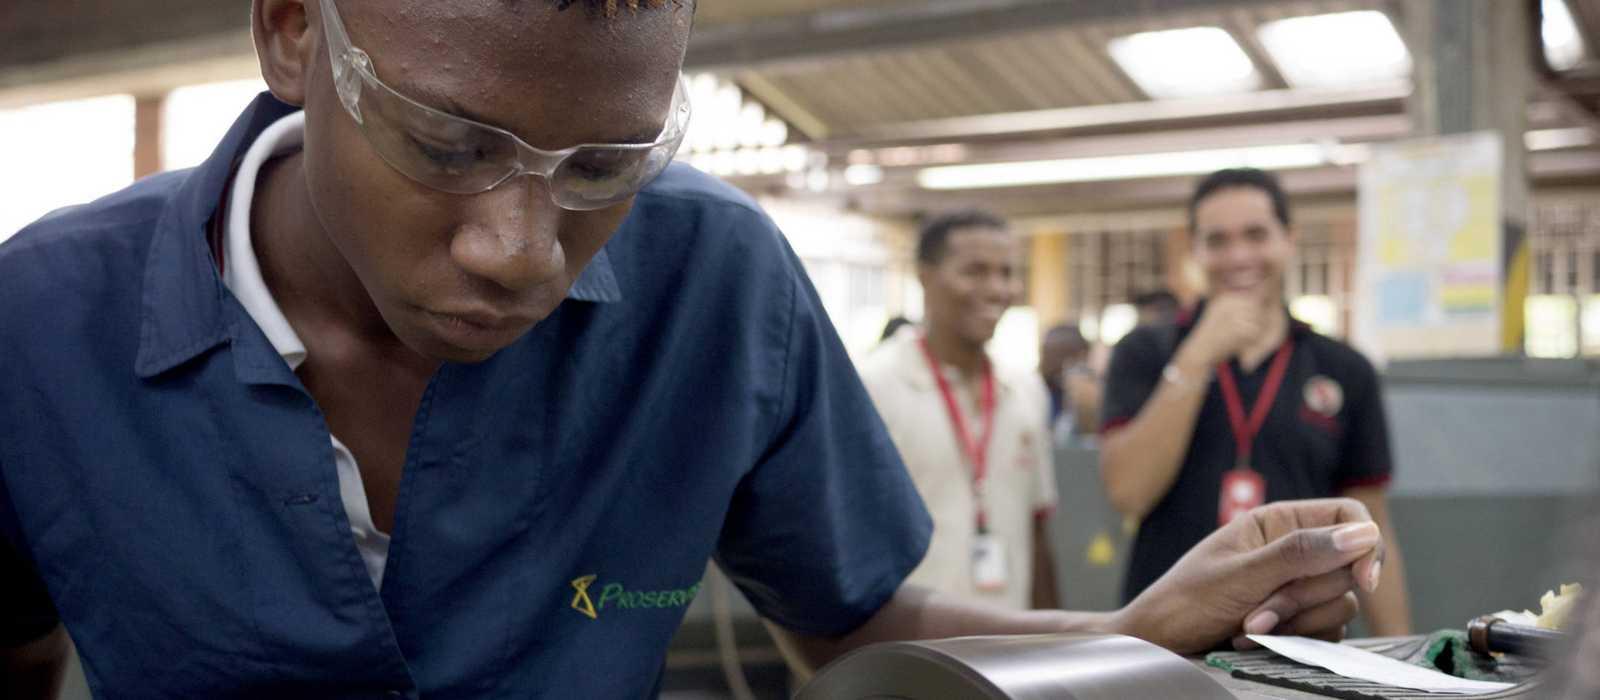 Jugendlicher mit blauem Overall in einer Auto-Werkstatt